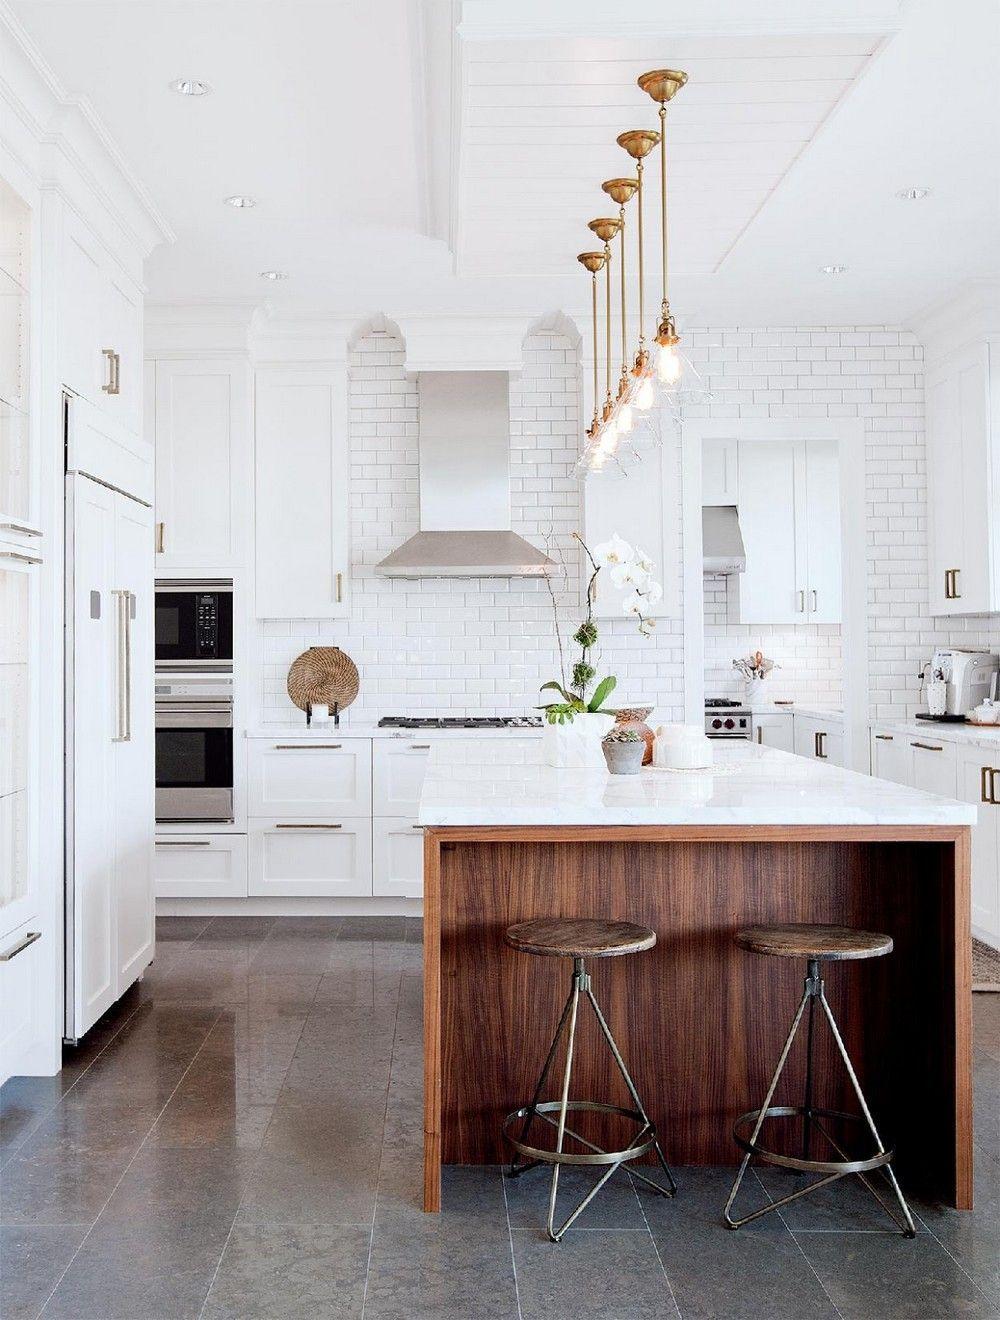 Pin de Cati Rotger en Cocinas modernas | Pinterest | Cocinas ...